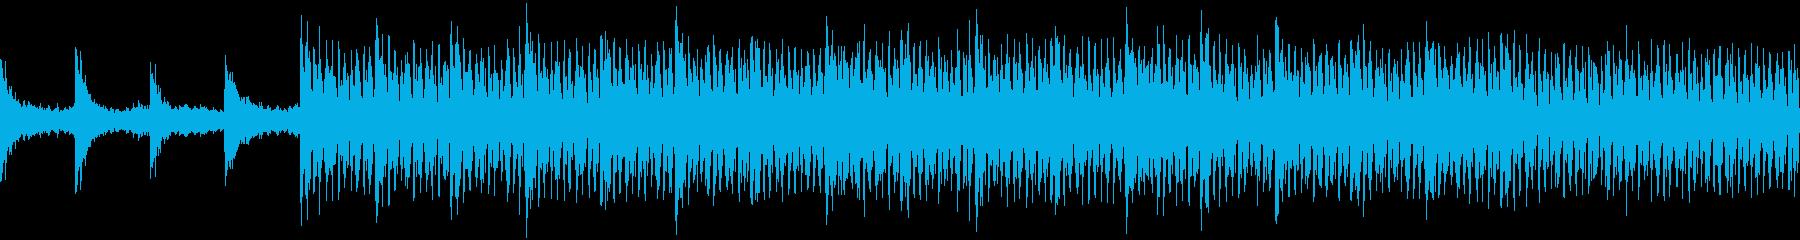 動画 サスペンス 説明的 クール ...の再生済みの波形